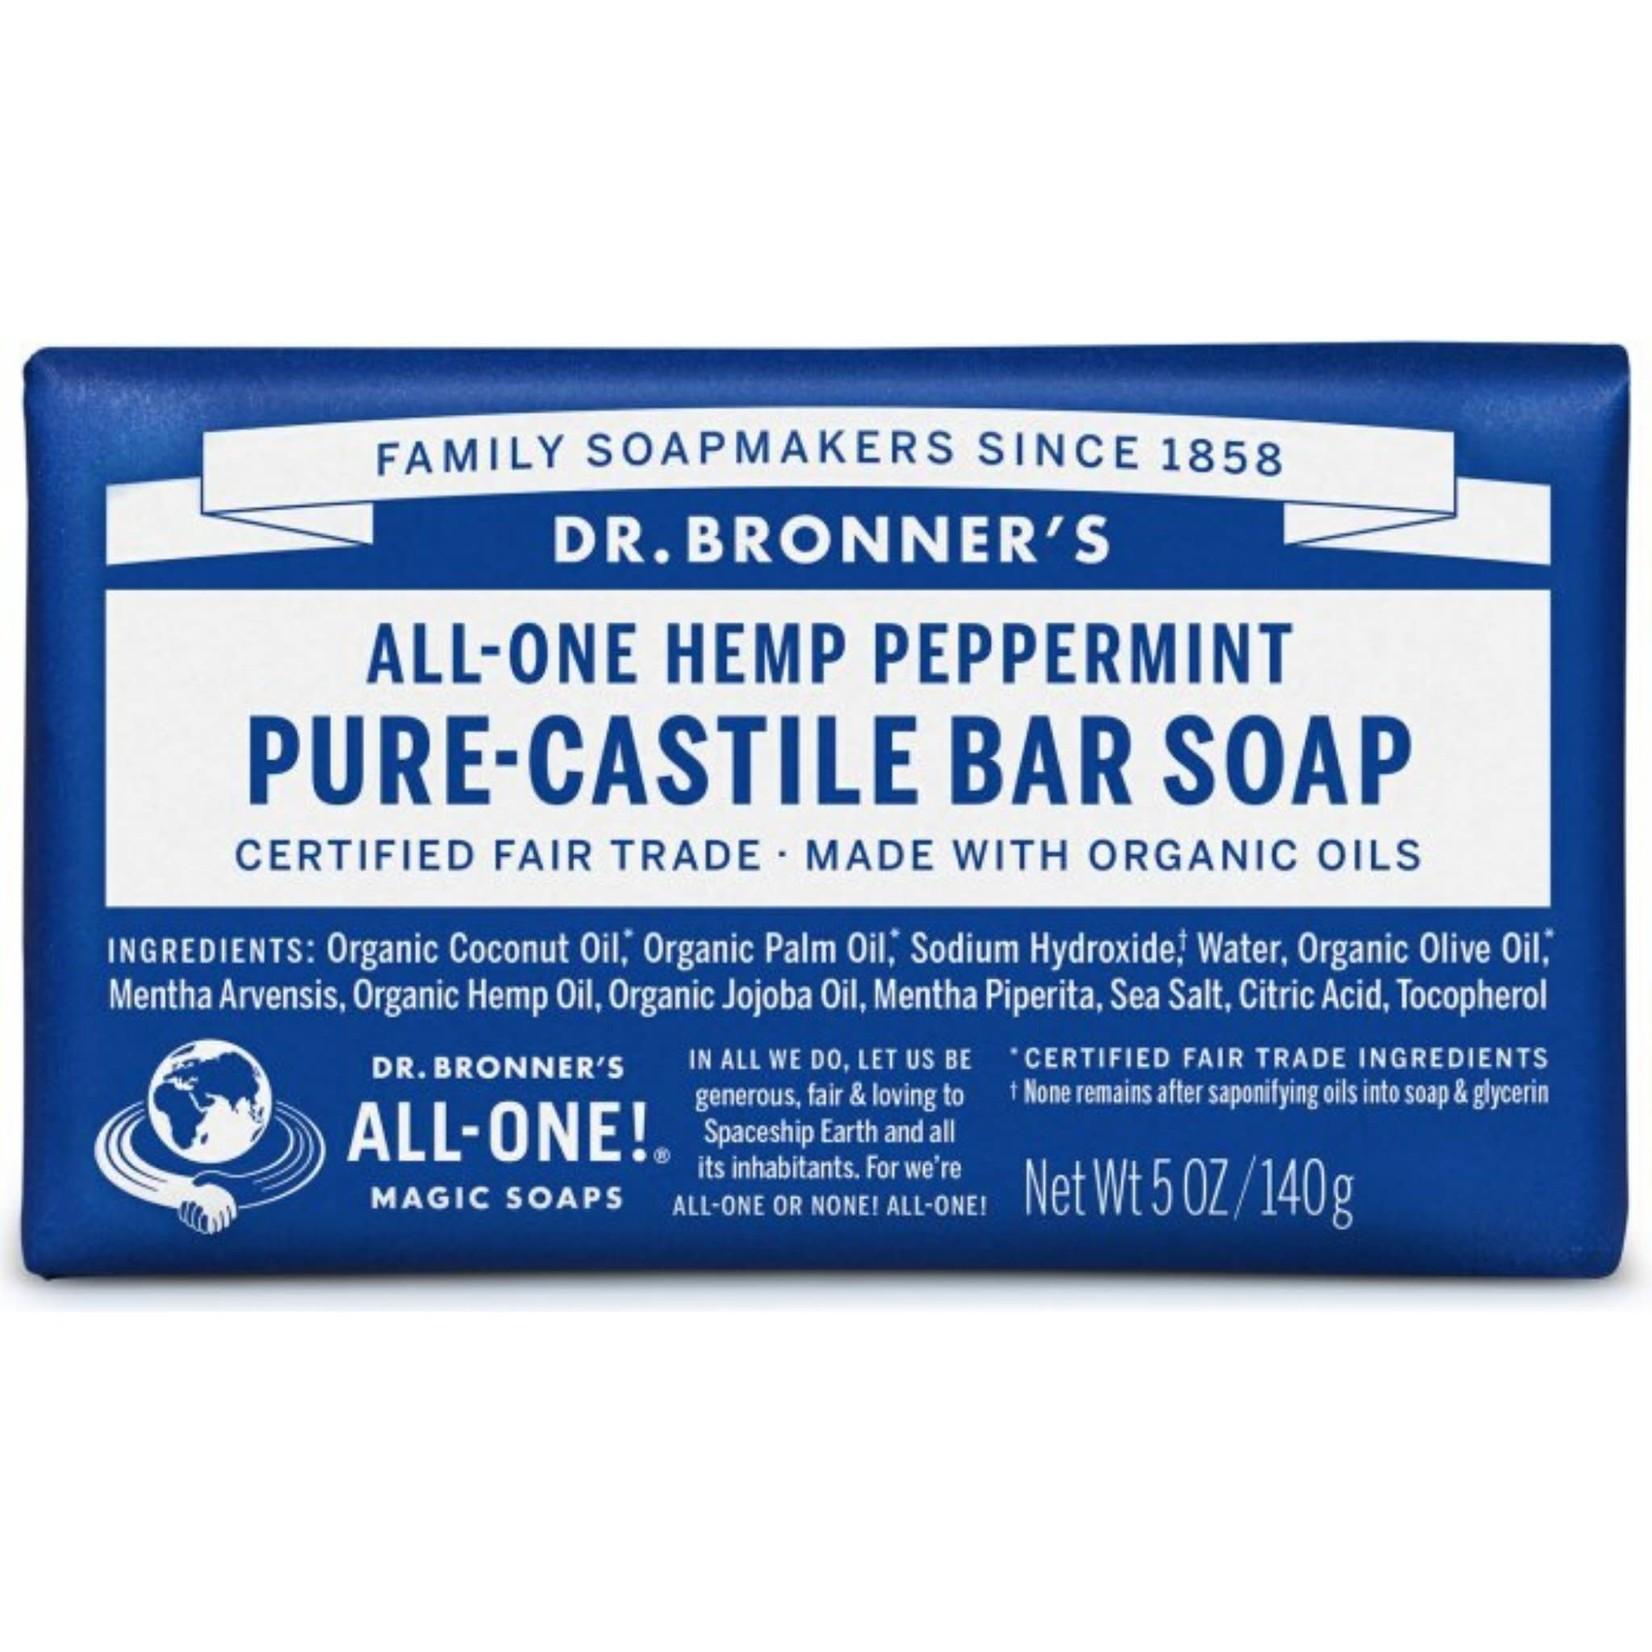 Dr. Bronner's Dr. Bronner's Peppermint Bar Soap